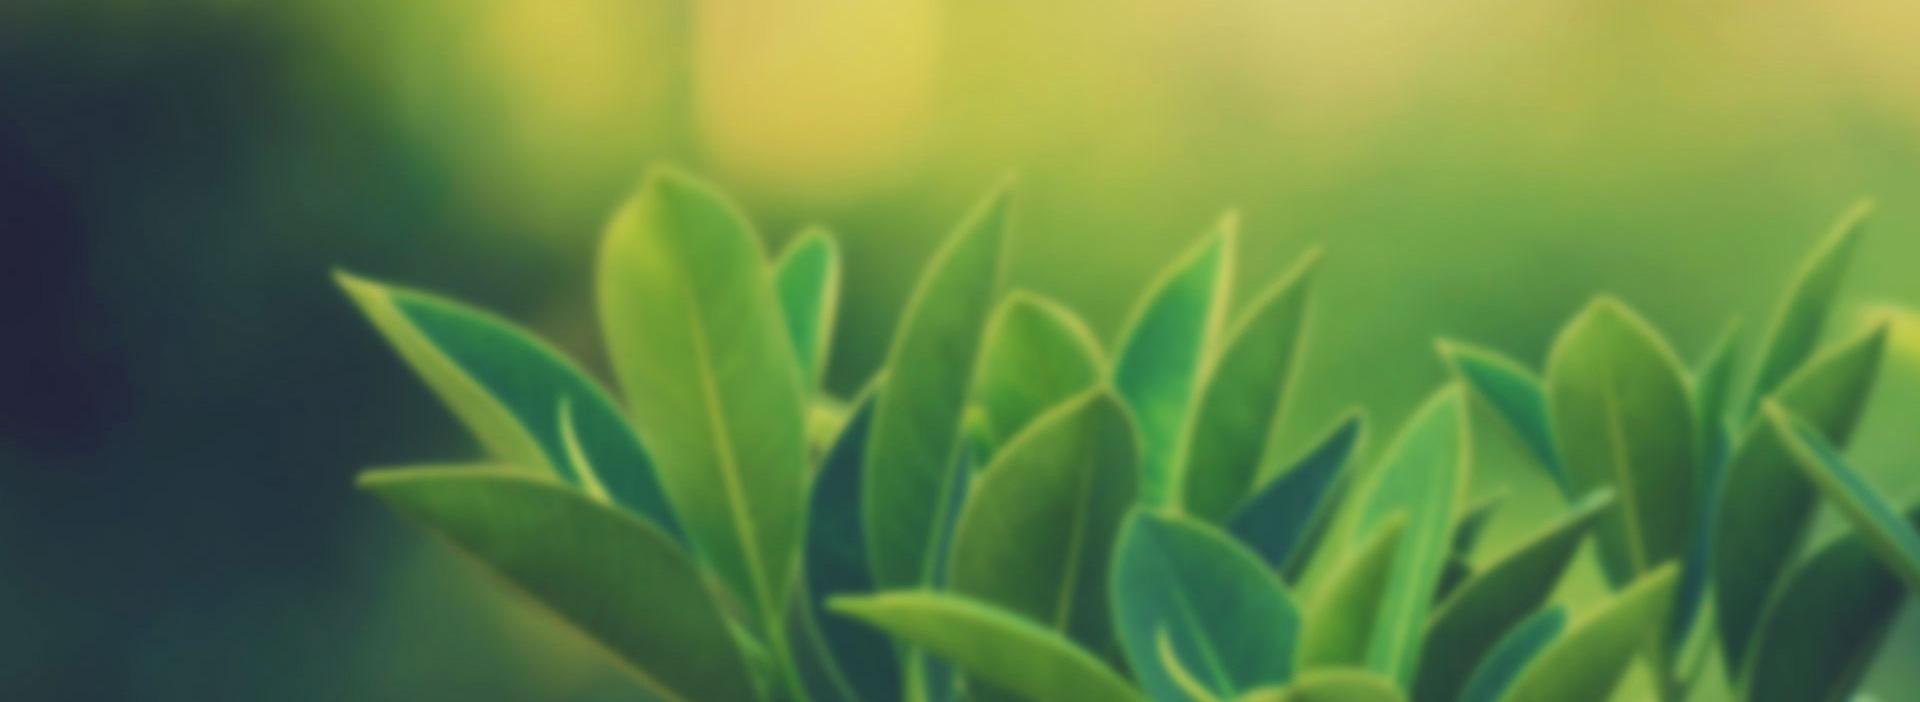 egzamaya-karşı-şifalı-gelen-bitkiler